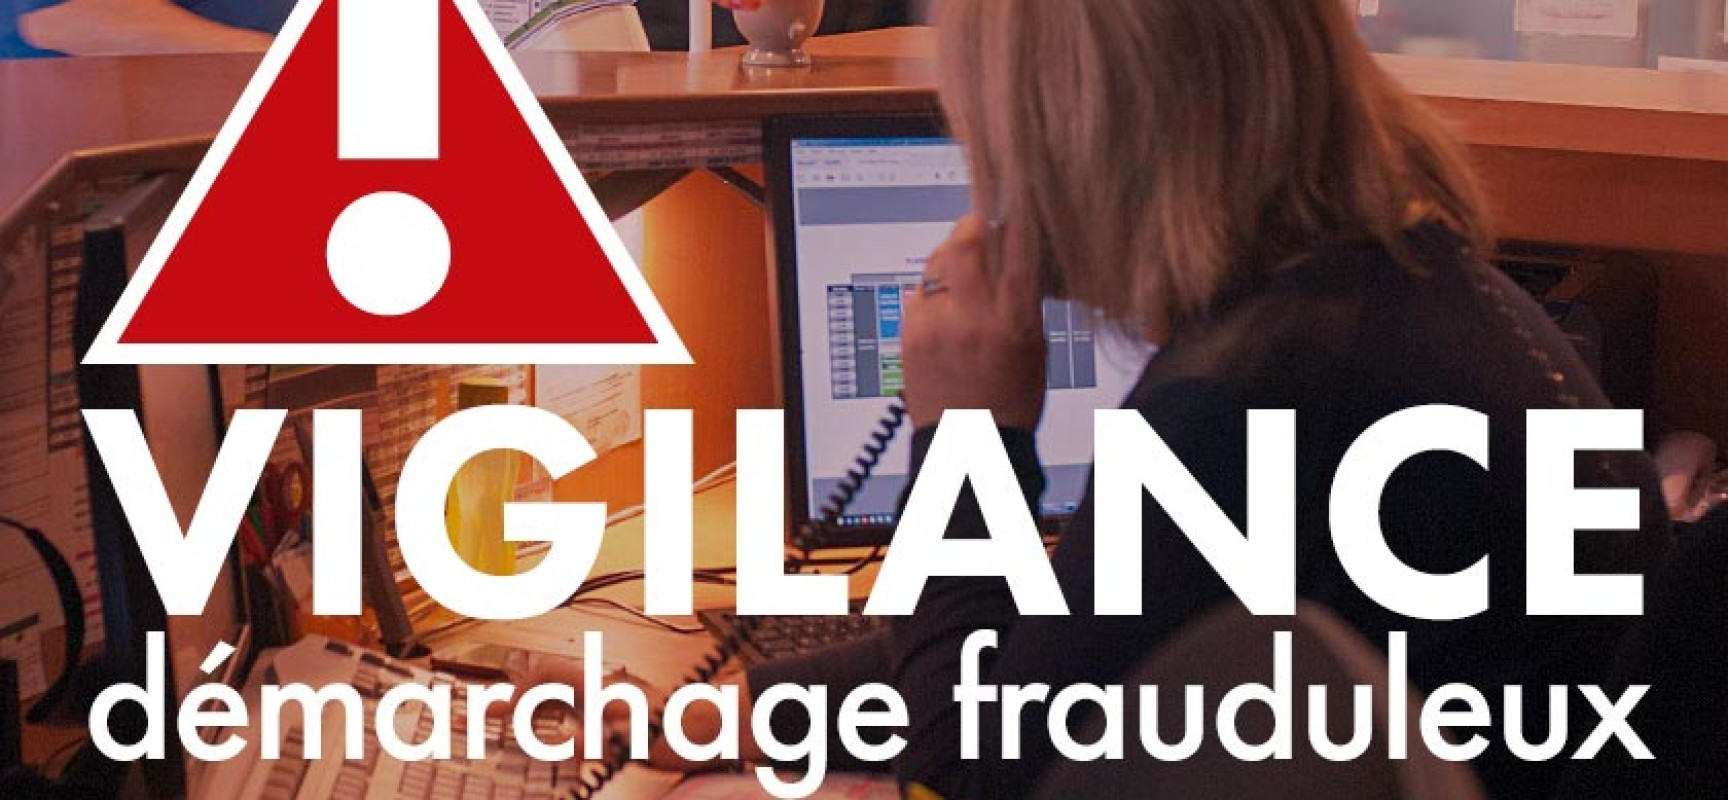 Appels téléphoniques frauduleux : vigilance !